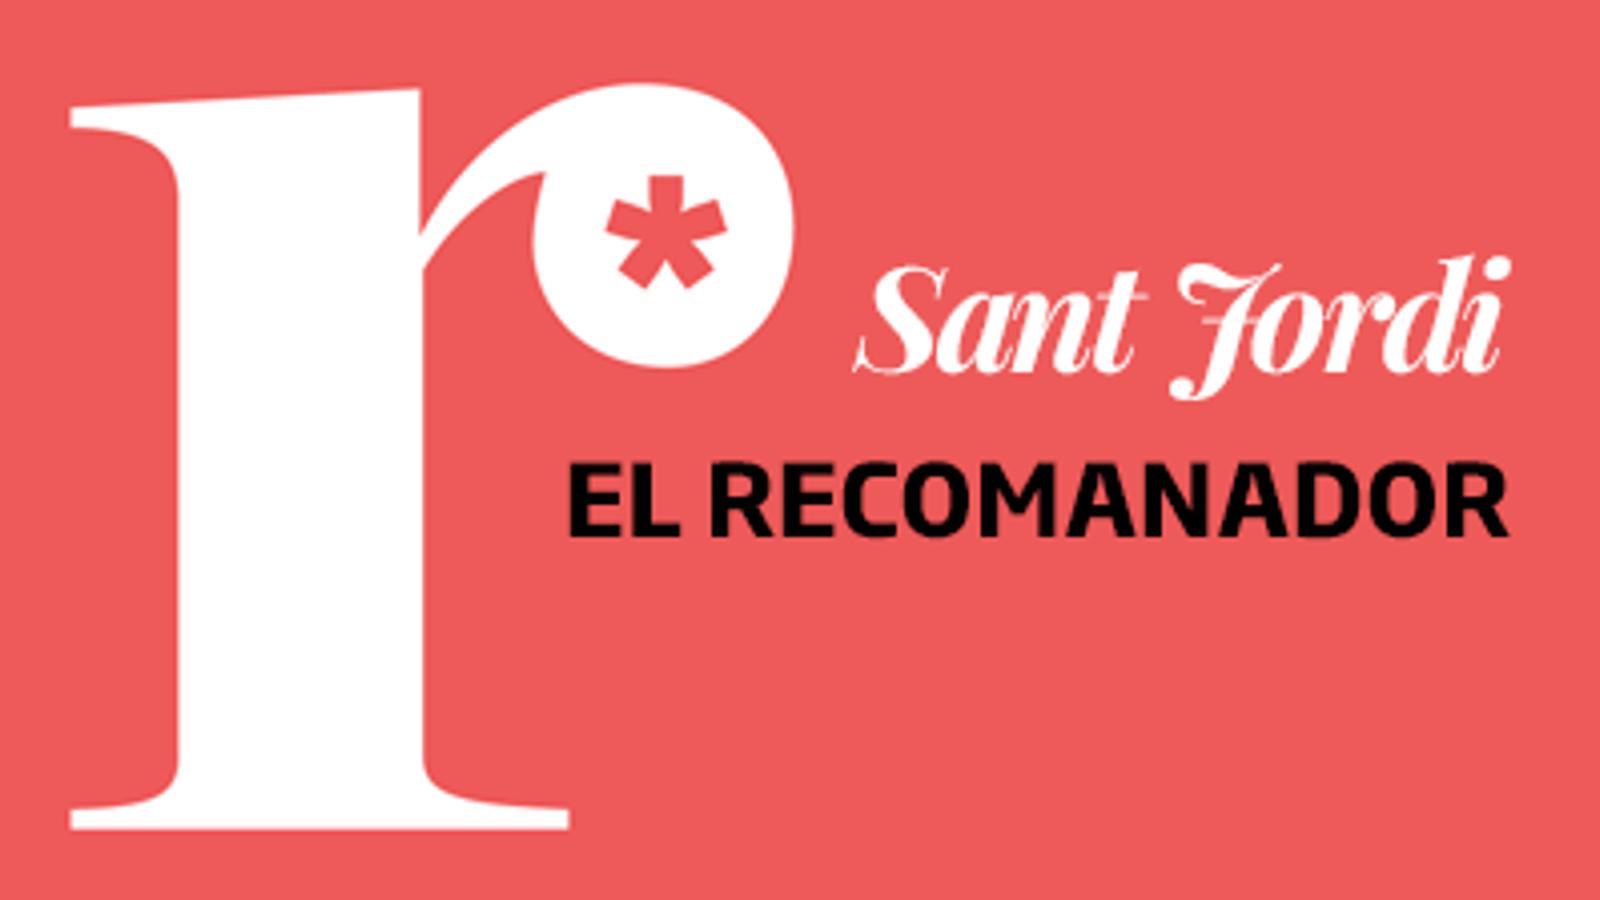 El recomanador de llibres de Sant Jordi